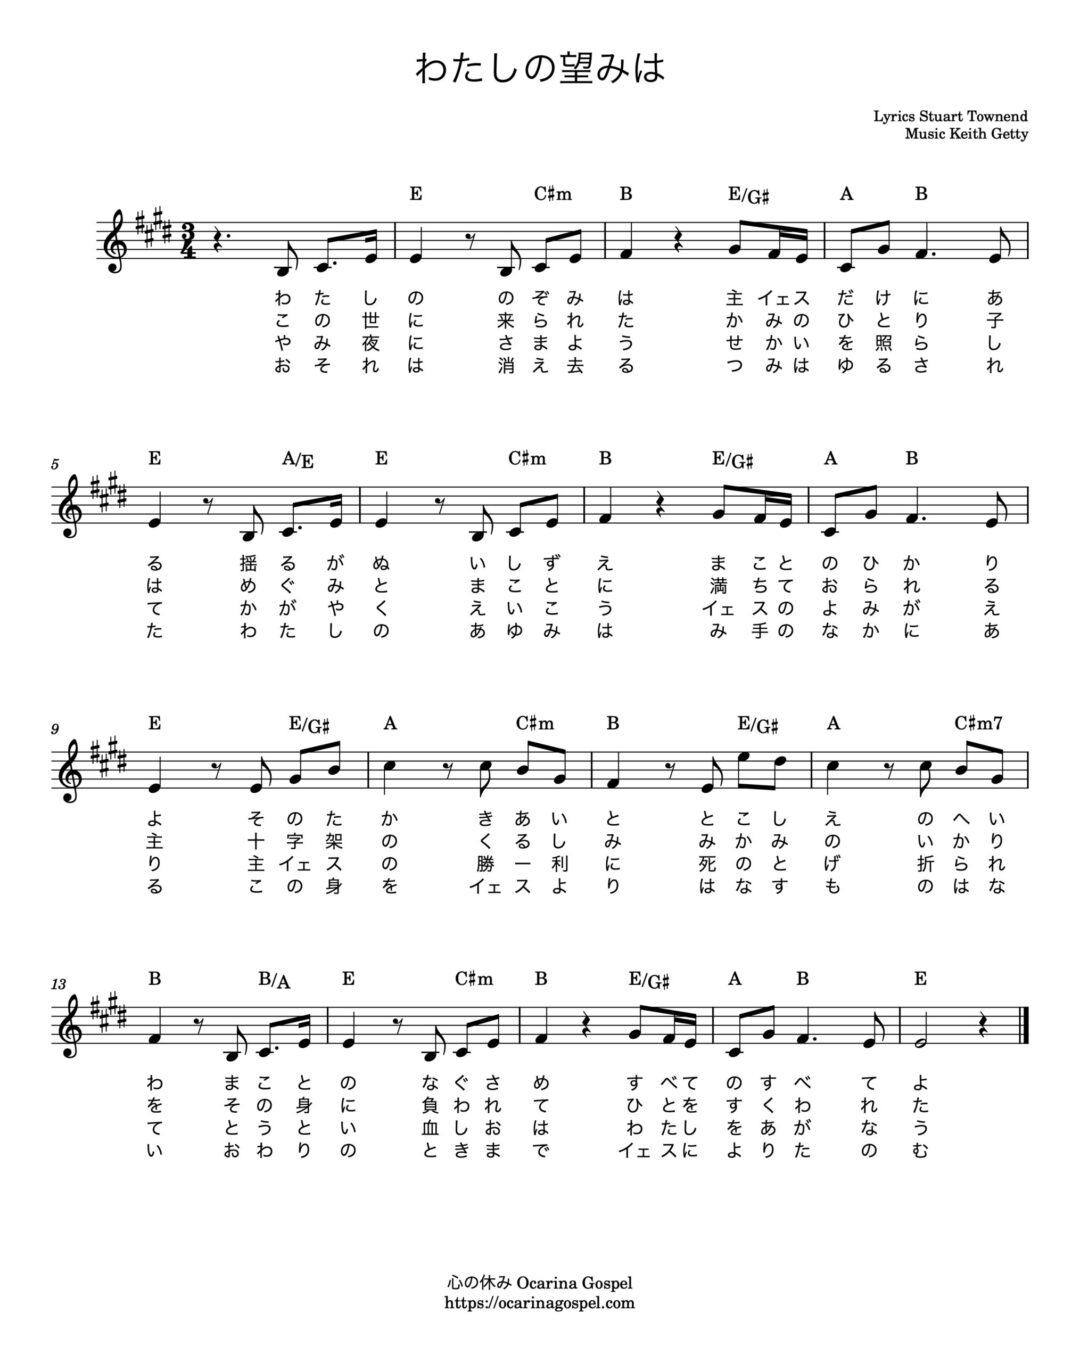 わたしの望みは 楽譜 E